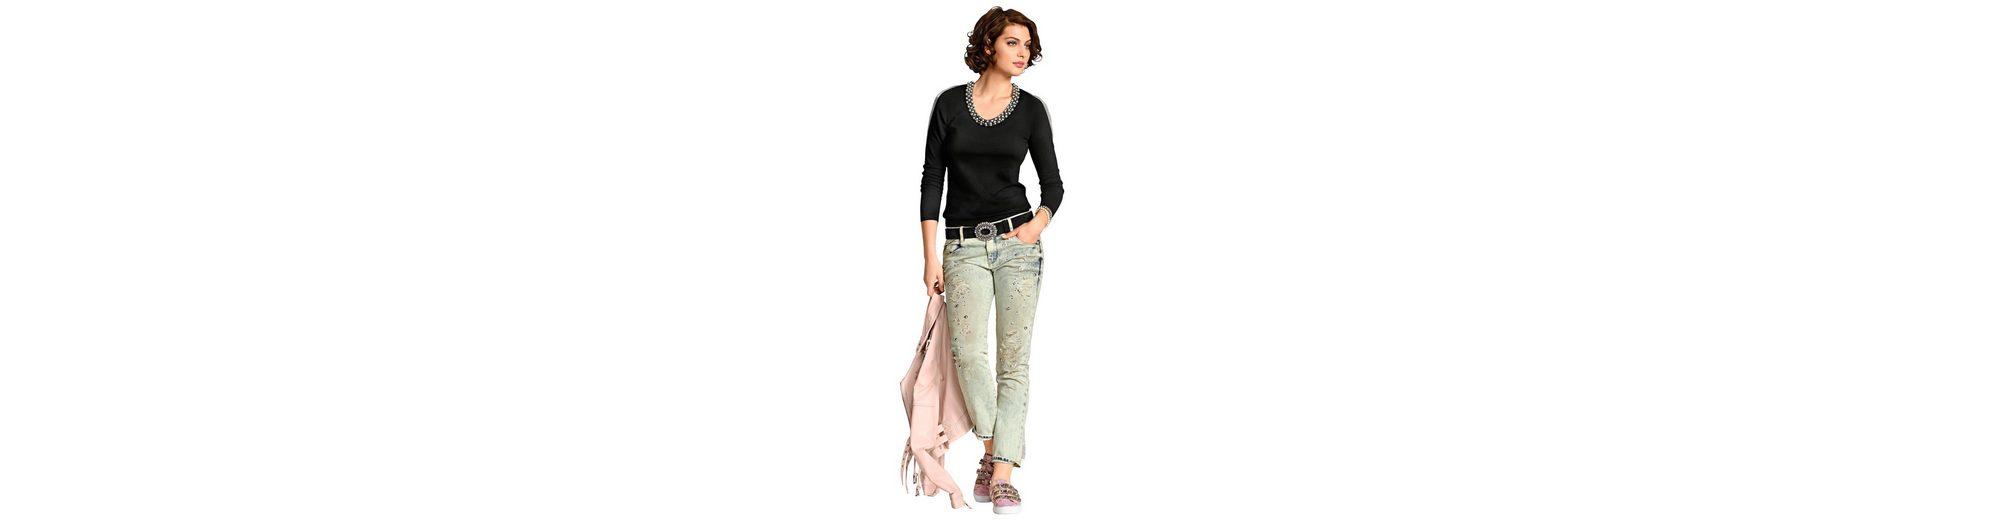 2018 Günstiger Preis Freies Verschiffen 2018 Neue Alba Moda 5-Pocket-Jeans mit Zierperlen und Strasssteinchen Verkauf Zum Verkauf Av07iwL